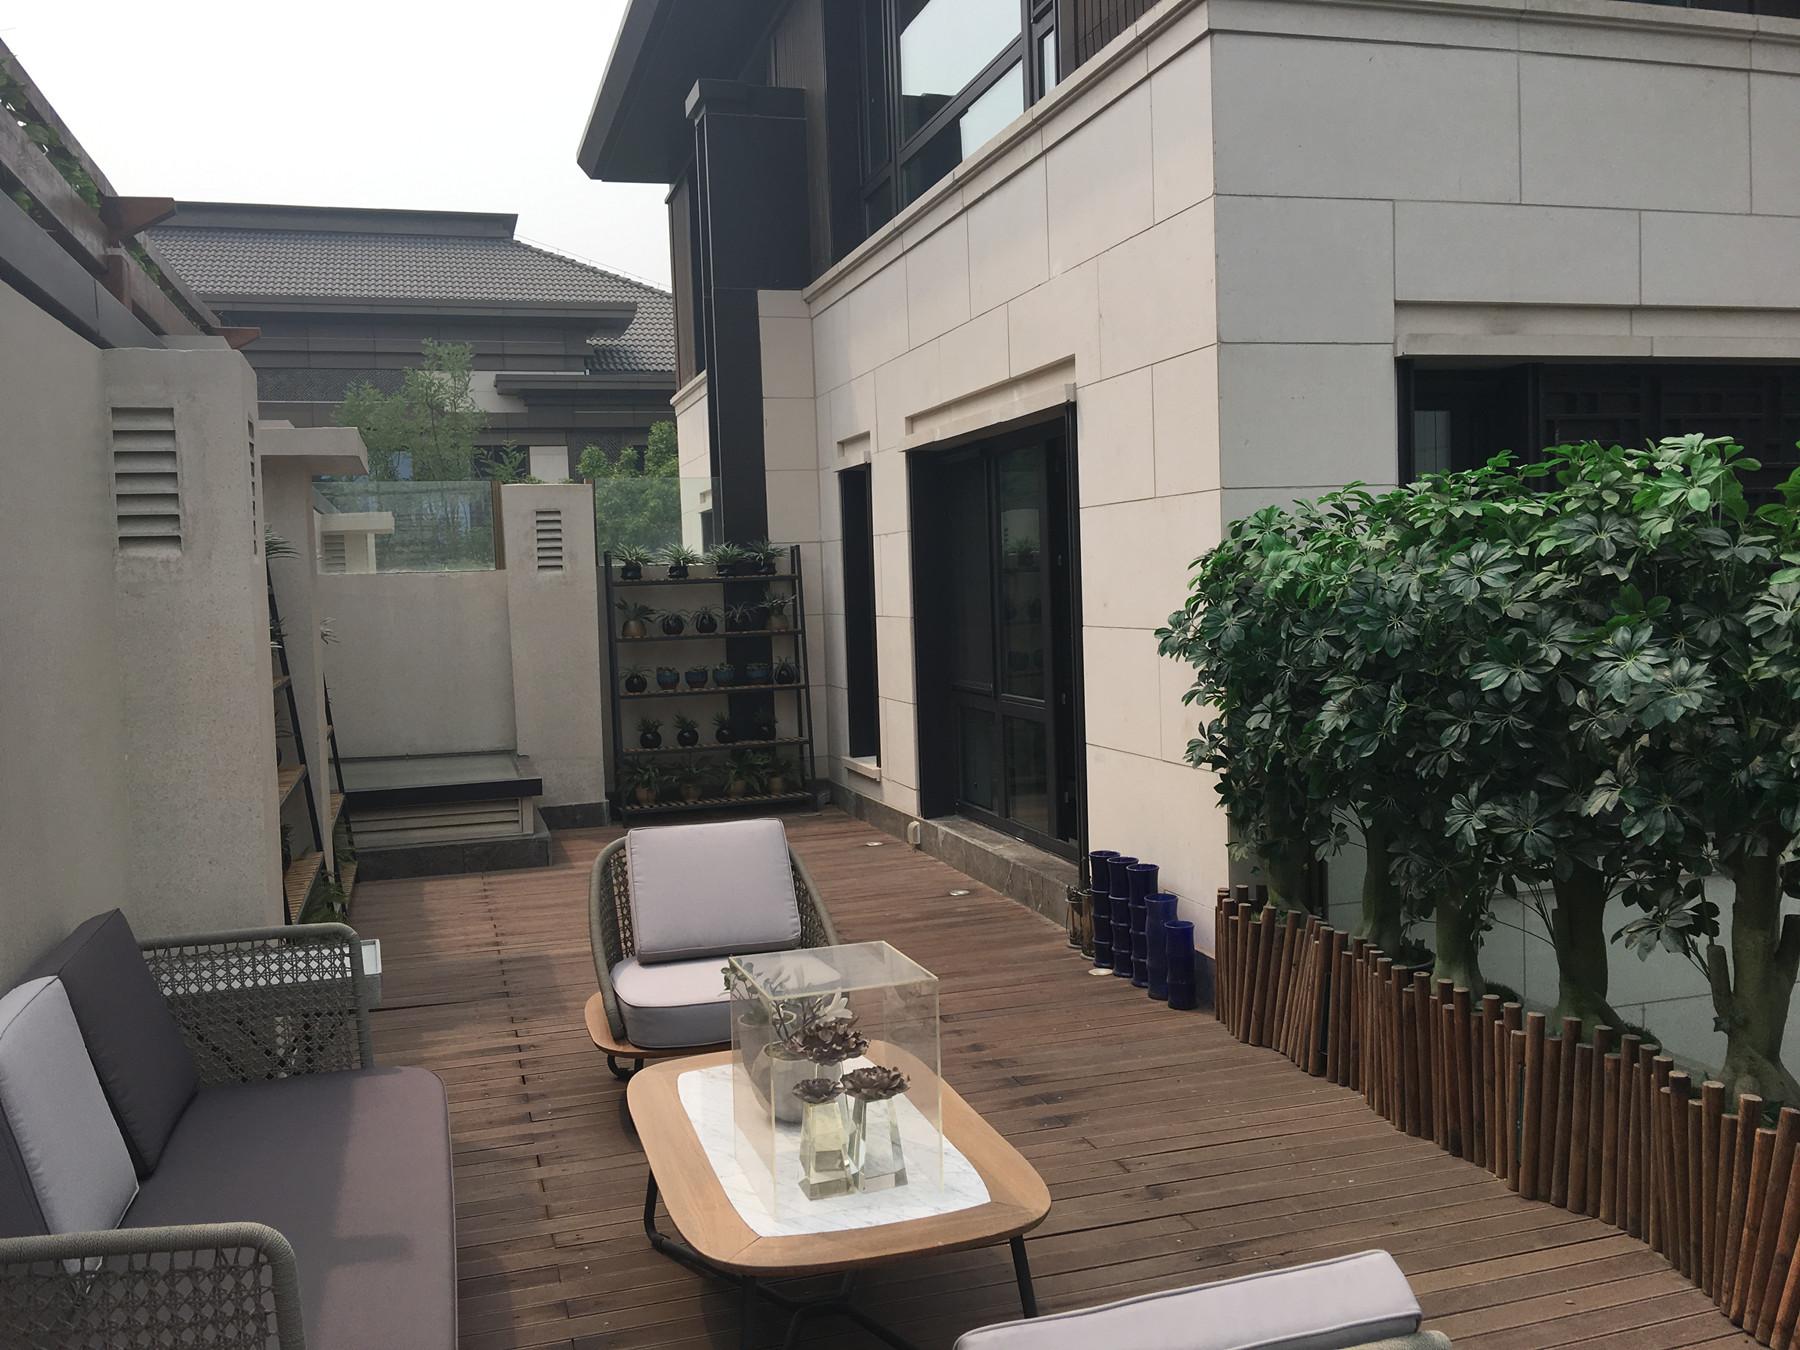 泰禾丽春湖新中式院子 西北五环院落别墅 汇九洲盛景于一院